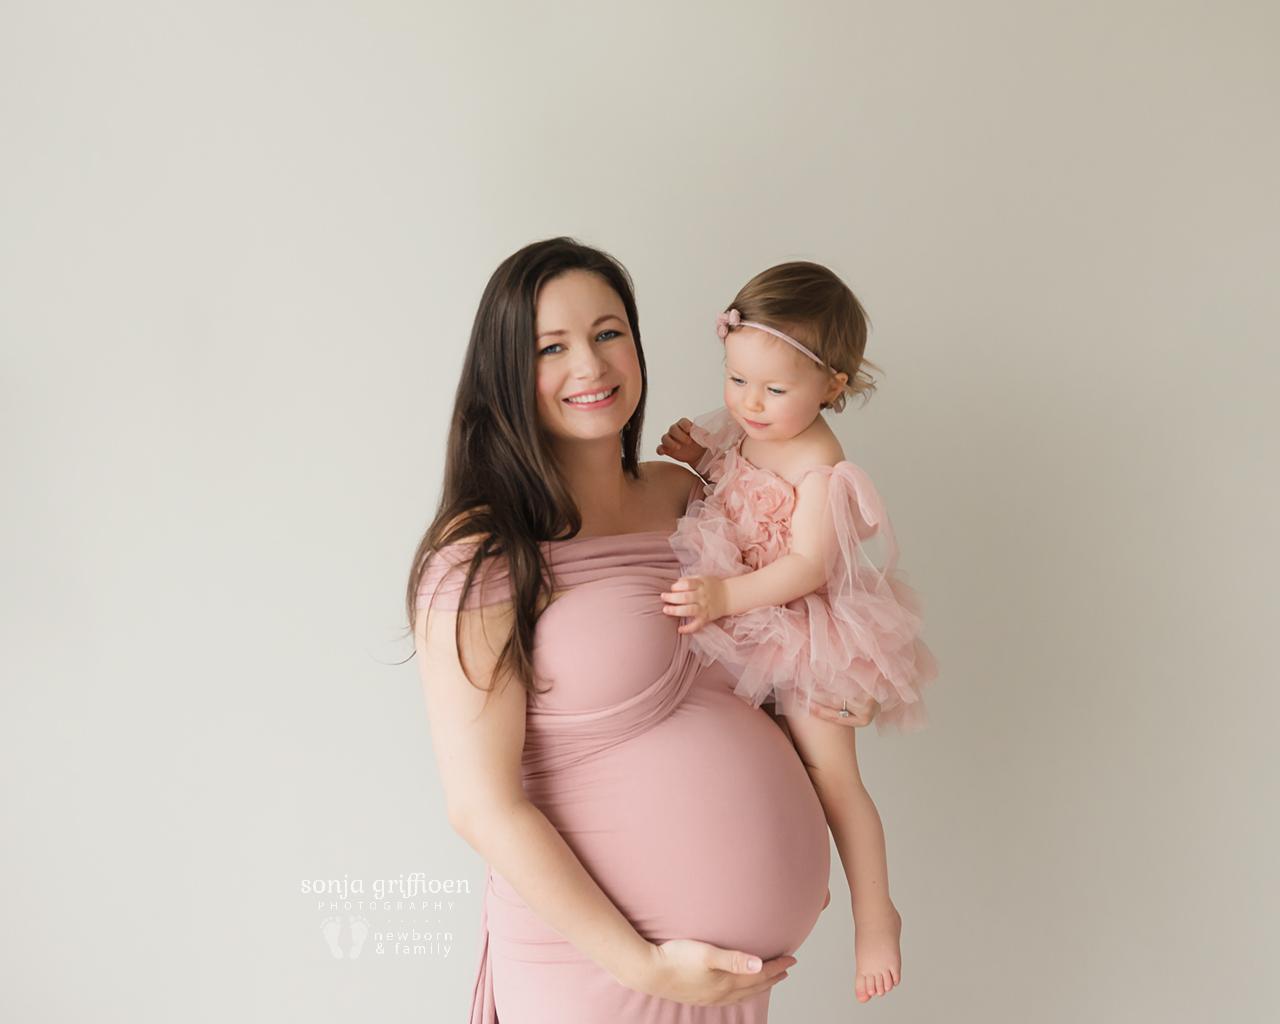 Sarah-Maternity-2-Brisbane-Newborn-Photographer-Sonja-Griffioen-02.jpg